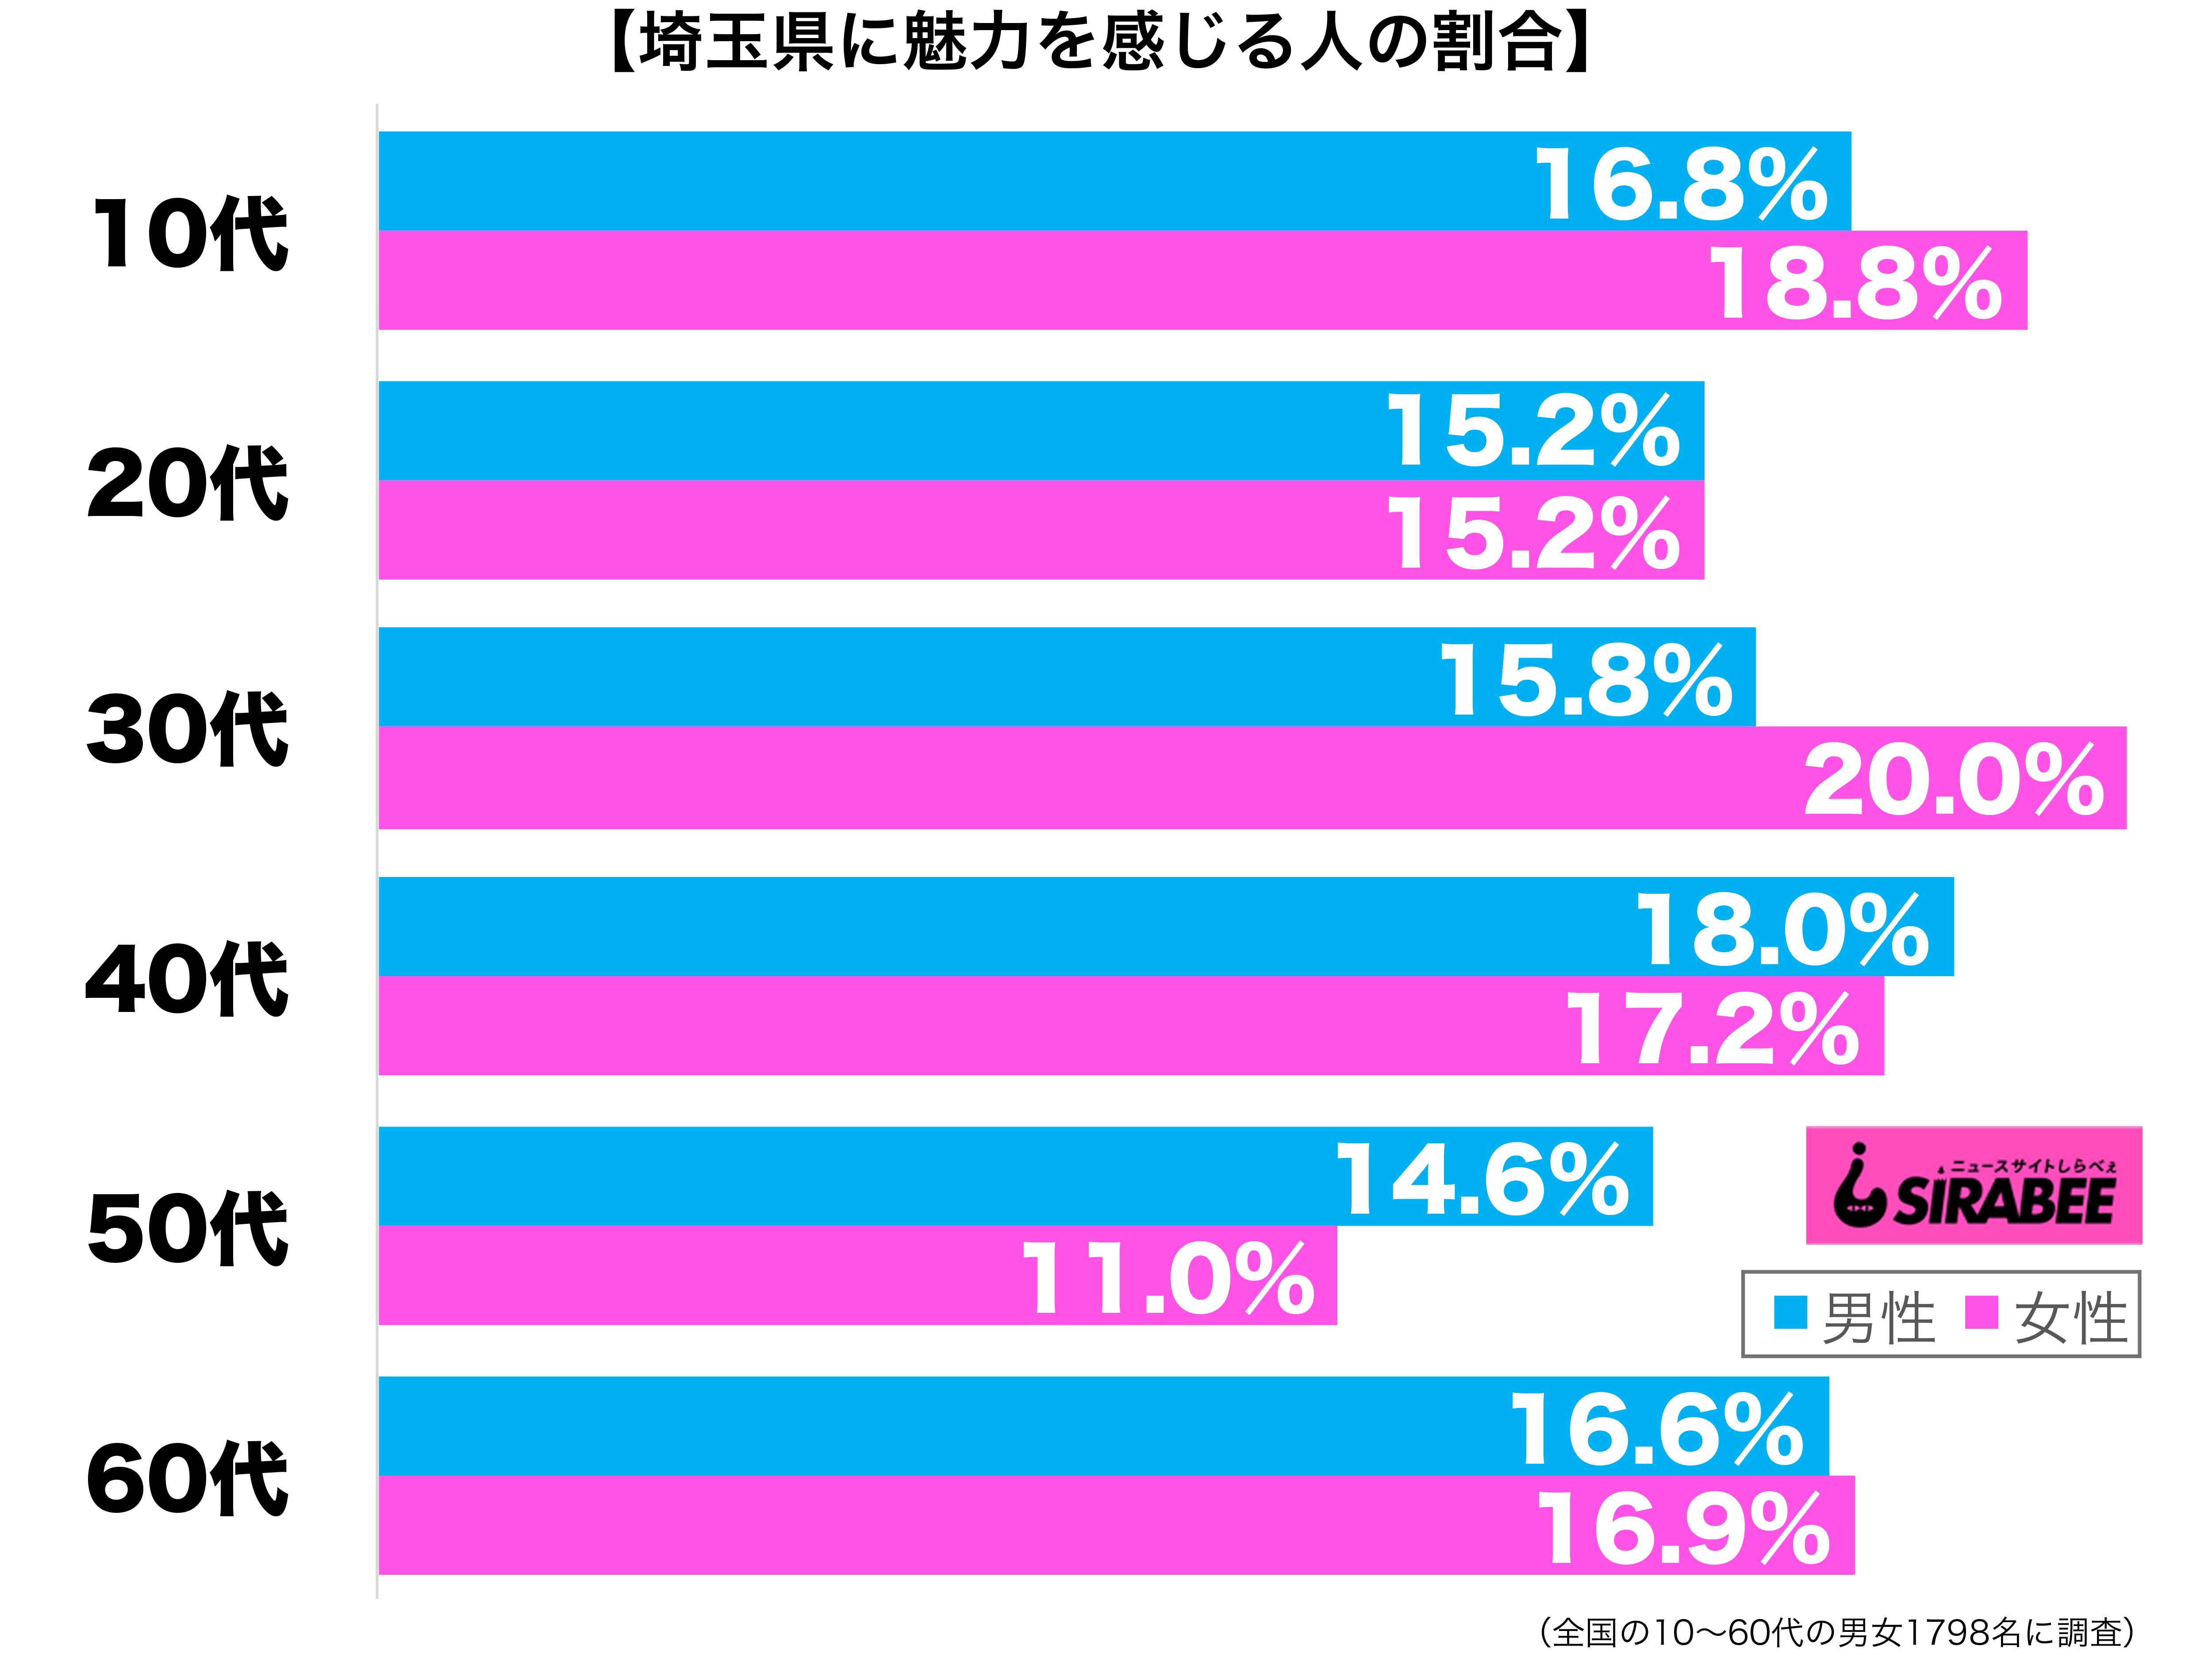 埼玉県に魅力を感じる性年代別グラフ